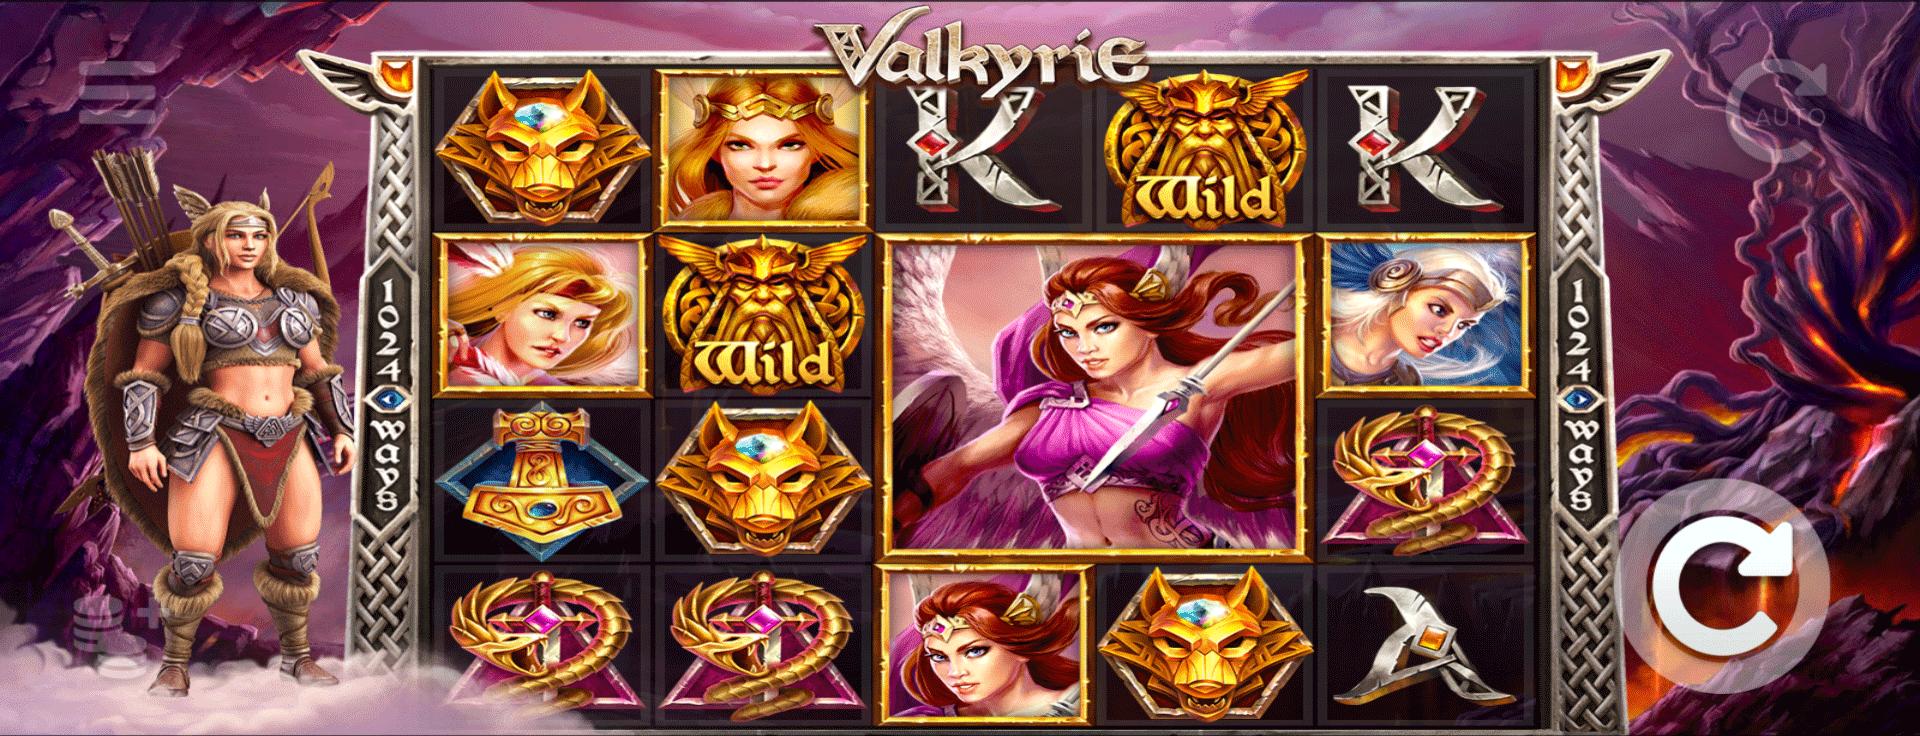 Slot Valkyrie